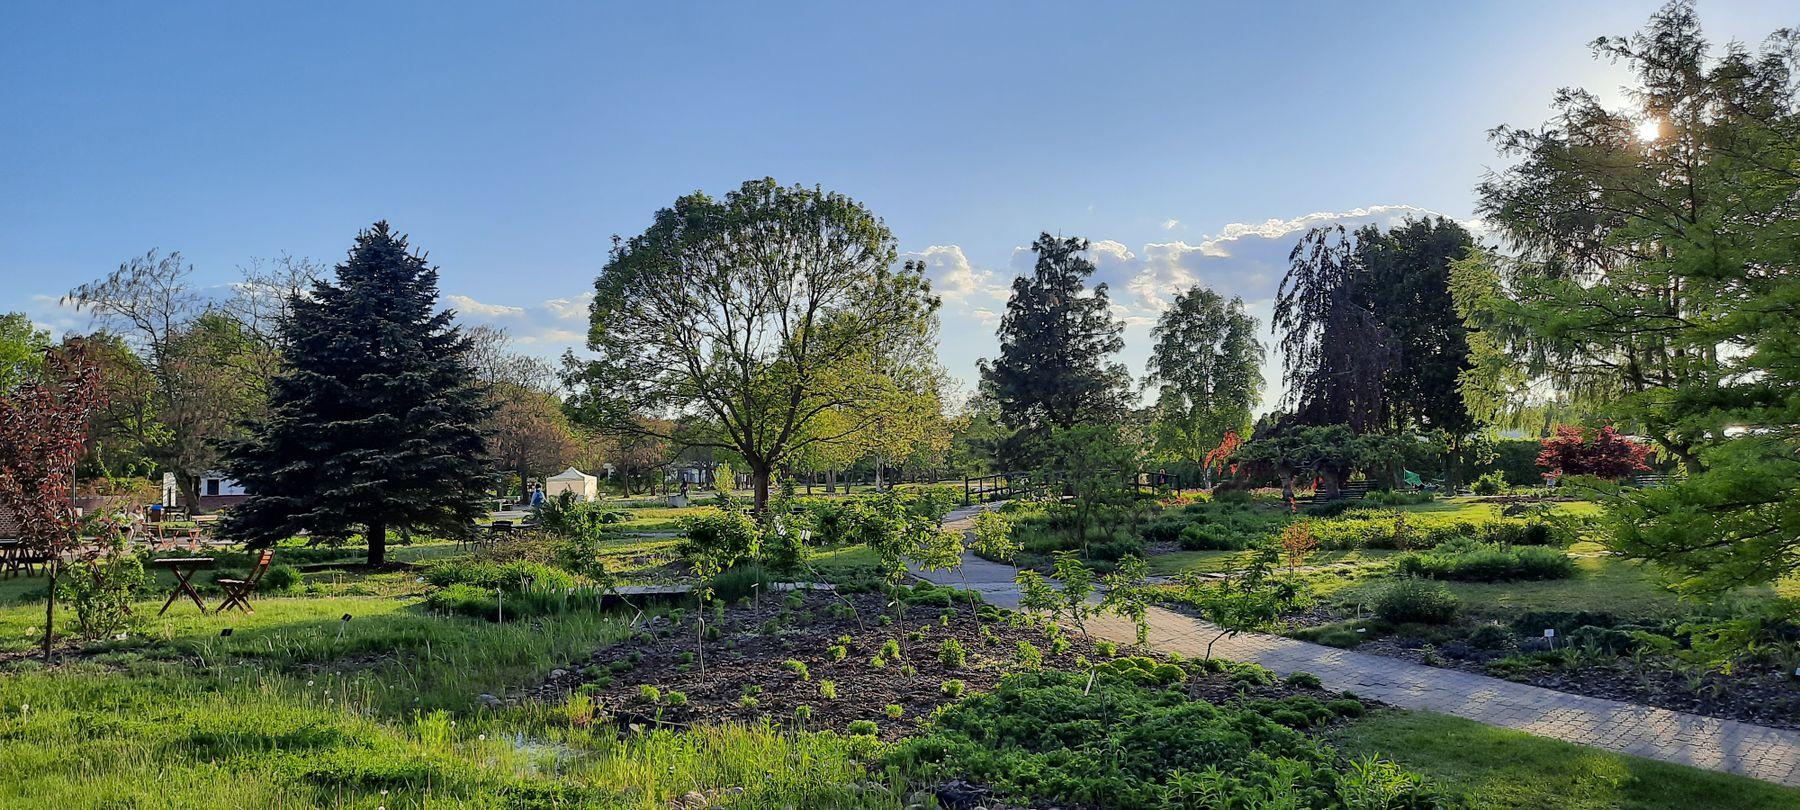 в ботаническом саду ботанический сад природа деревья